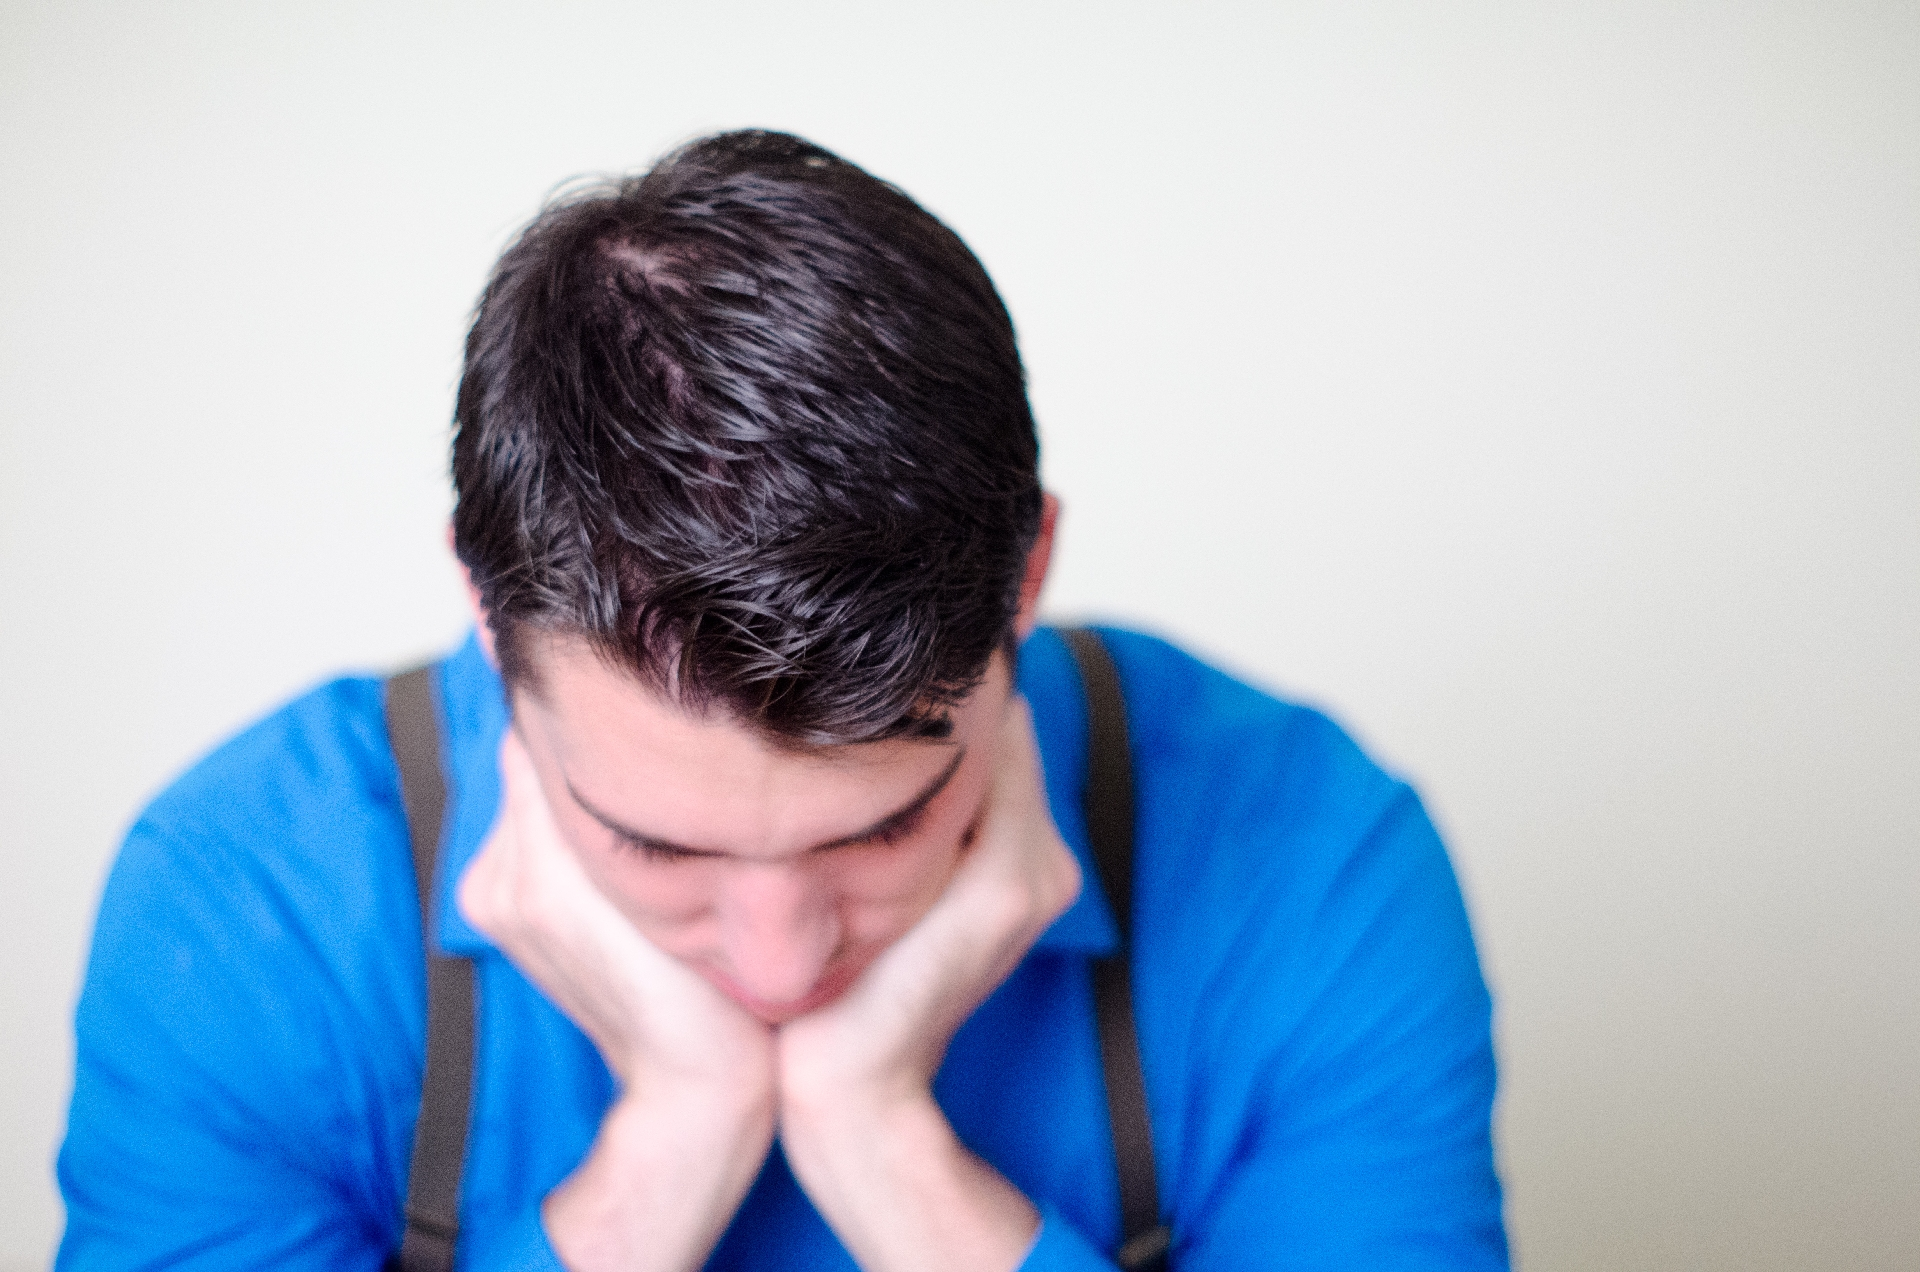 もし、自分や子ども・若者が「五月病」になってしまったら -「五月病」の原因・症状と治し方・対策とは?